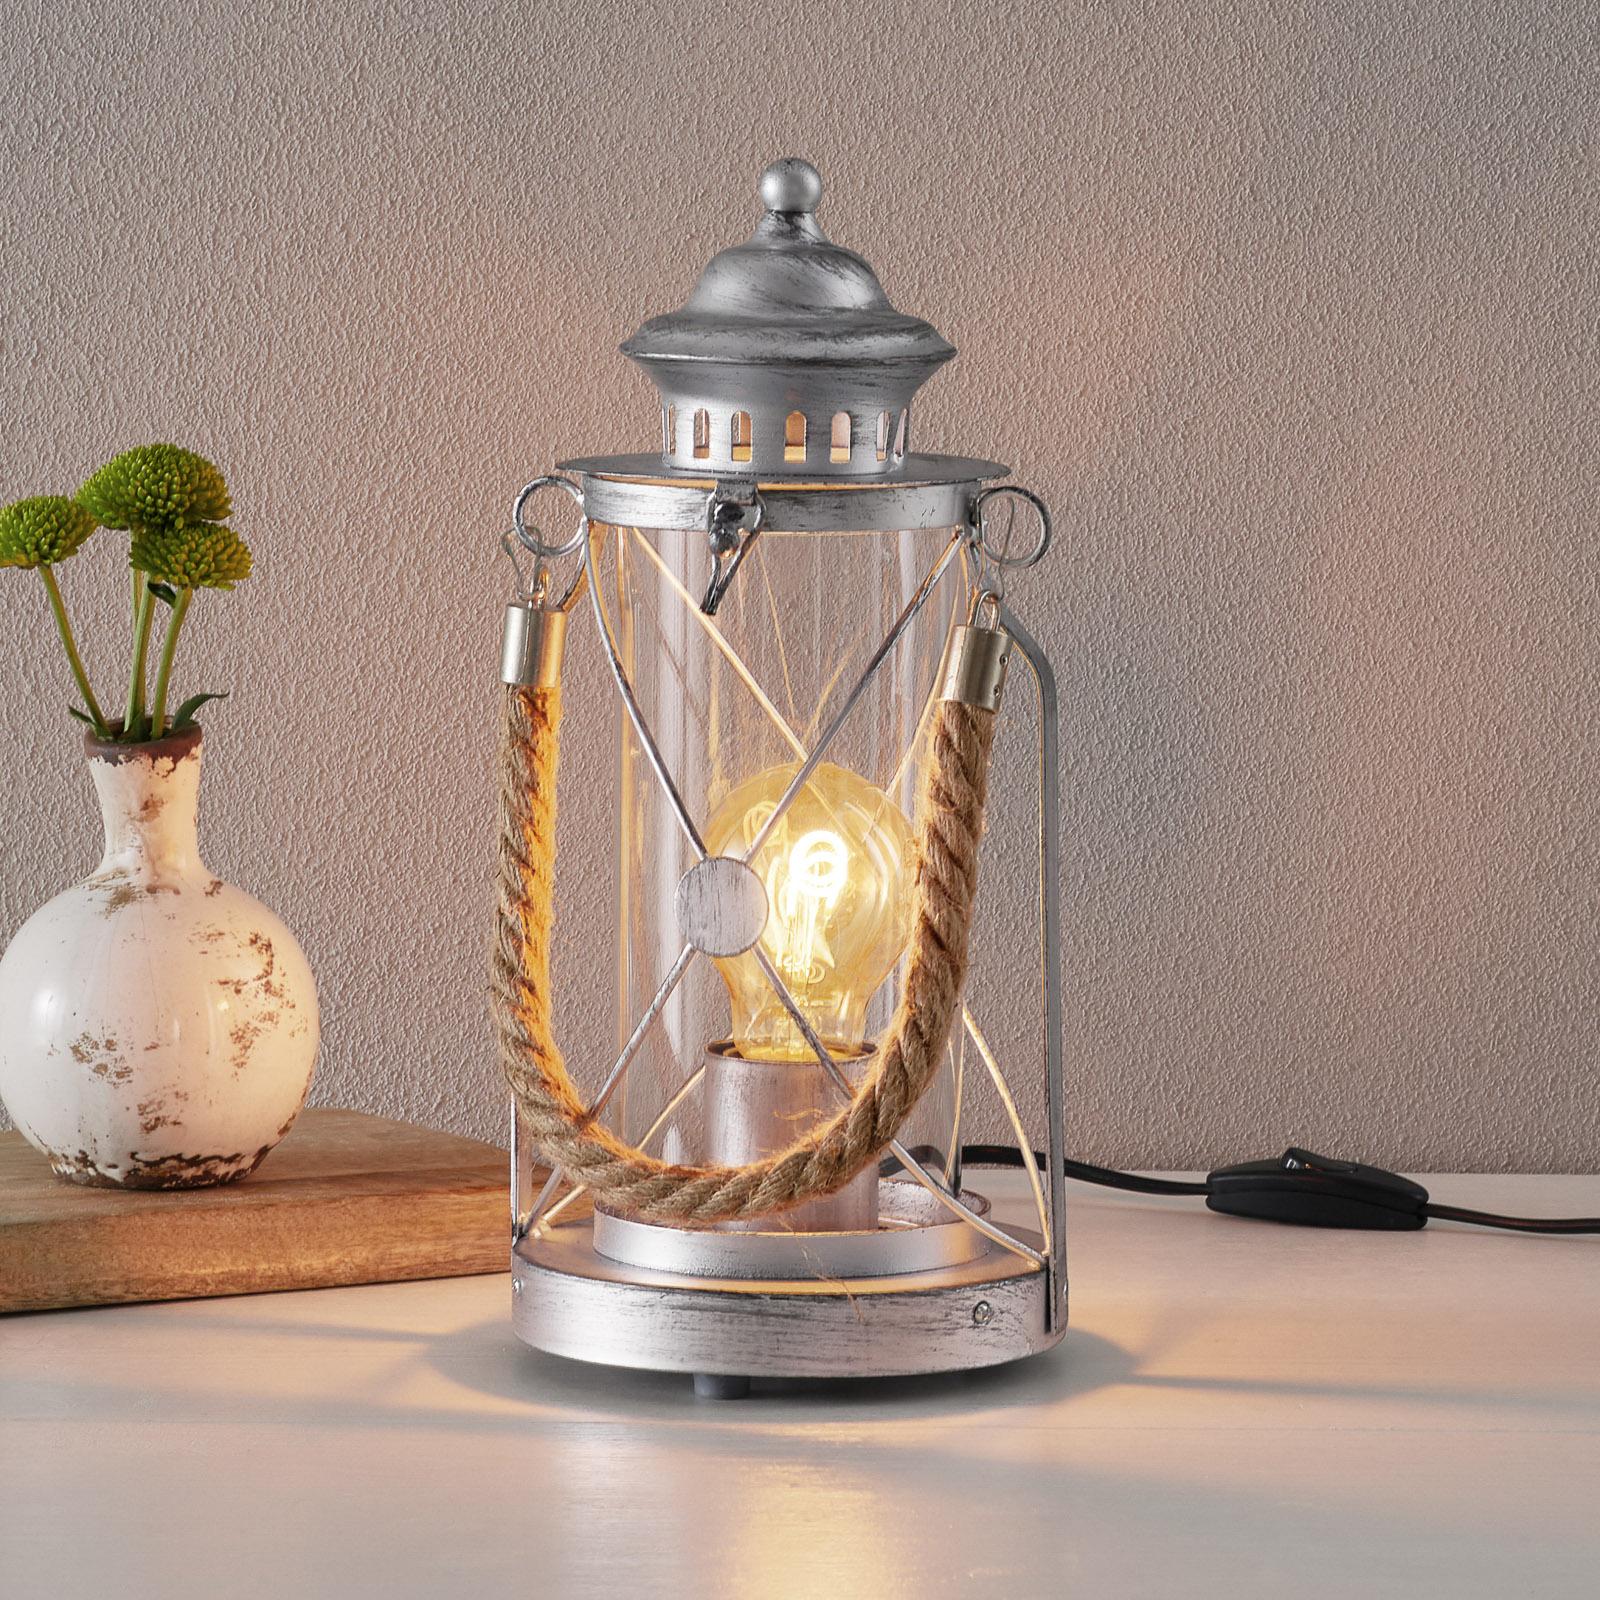 Lucernová stolná lampa Kirian striebro-starožitná_3031592_1